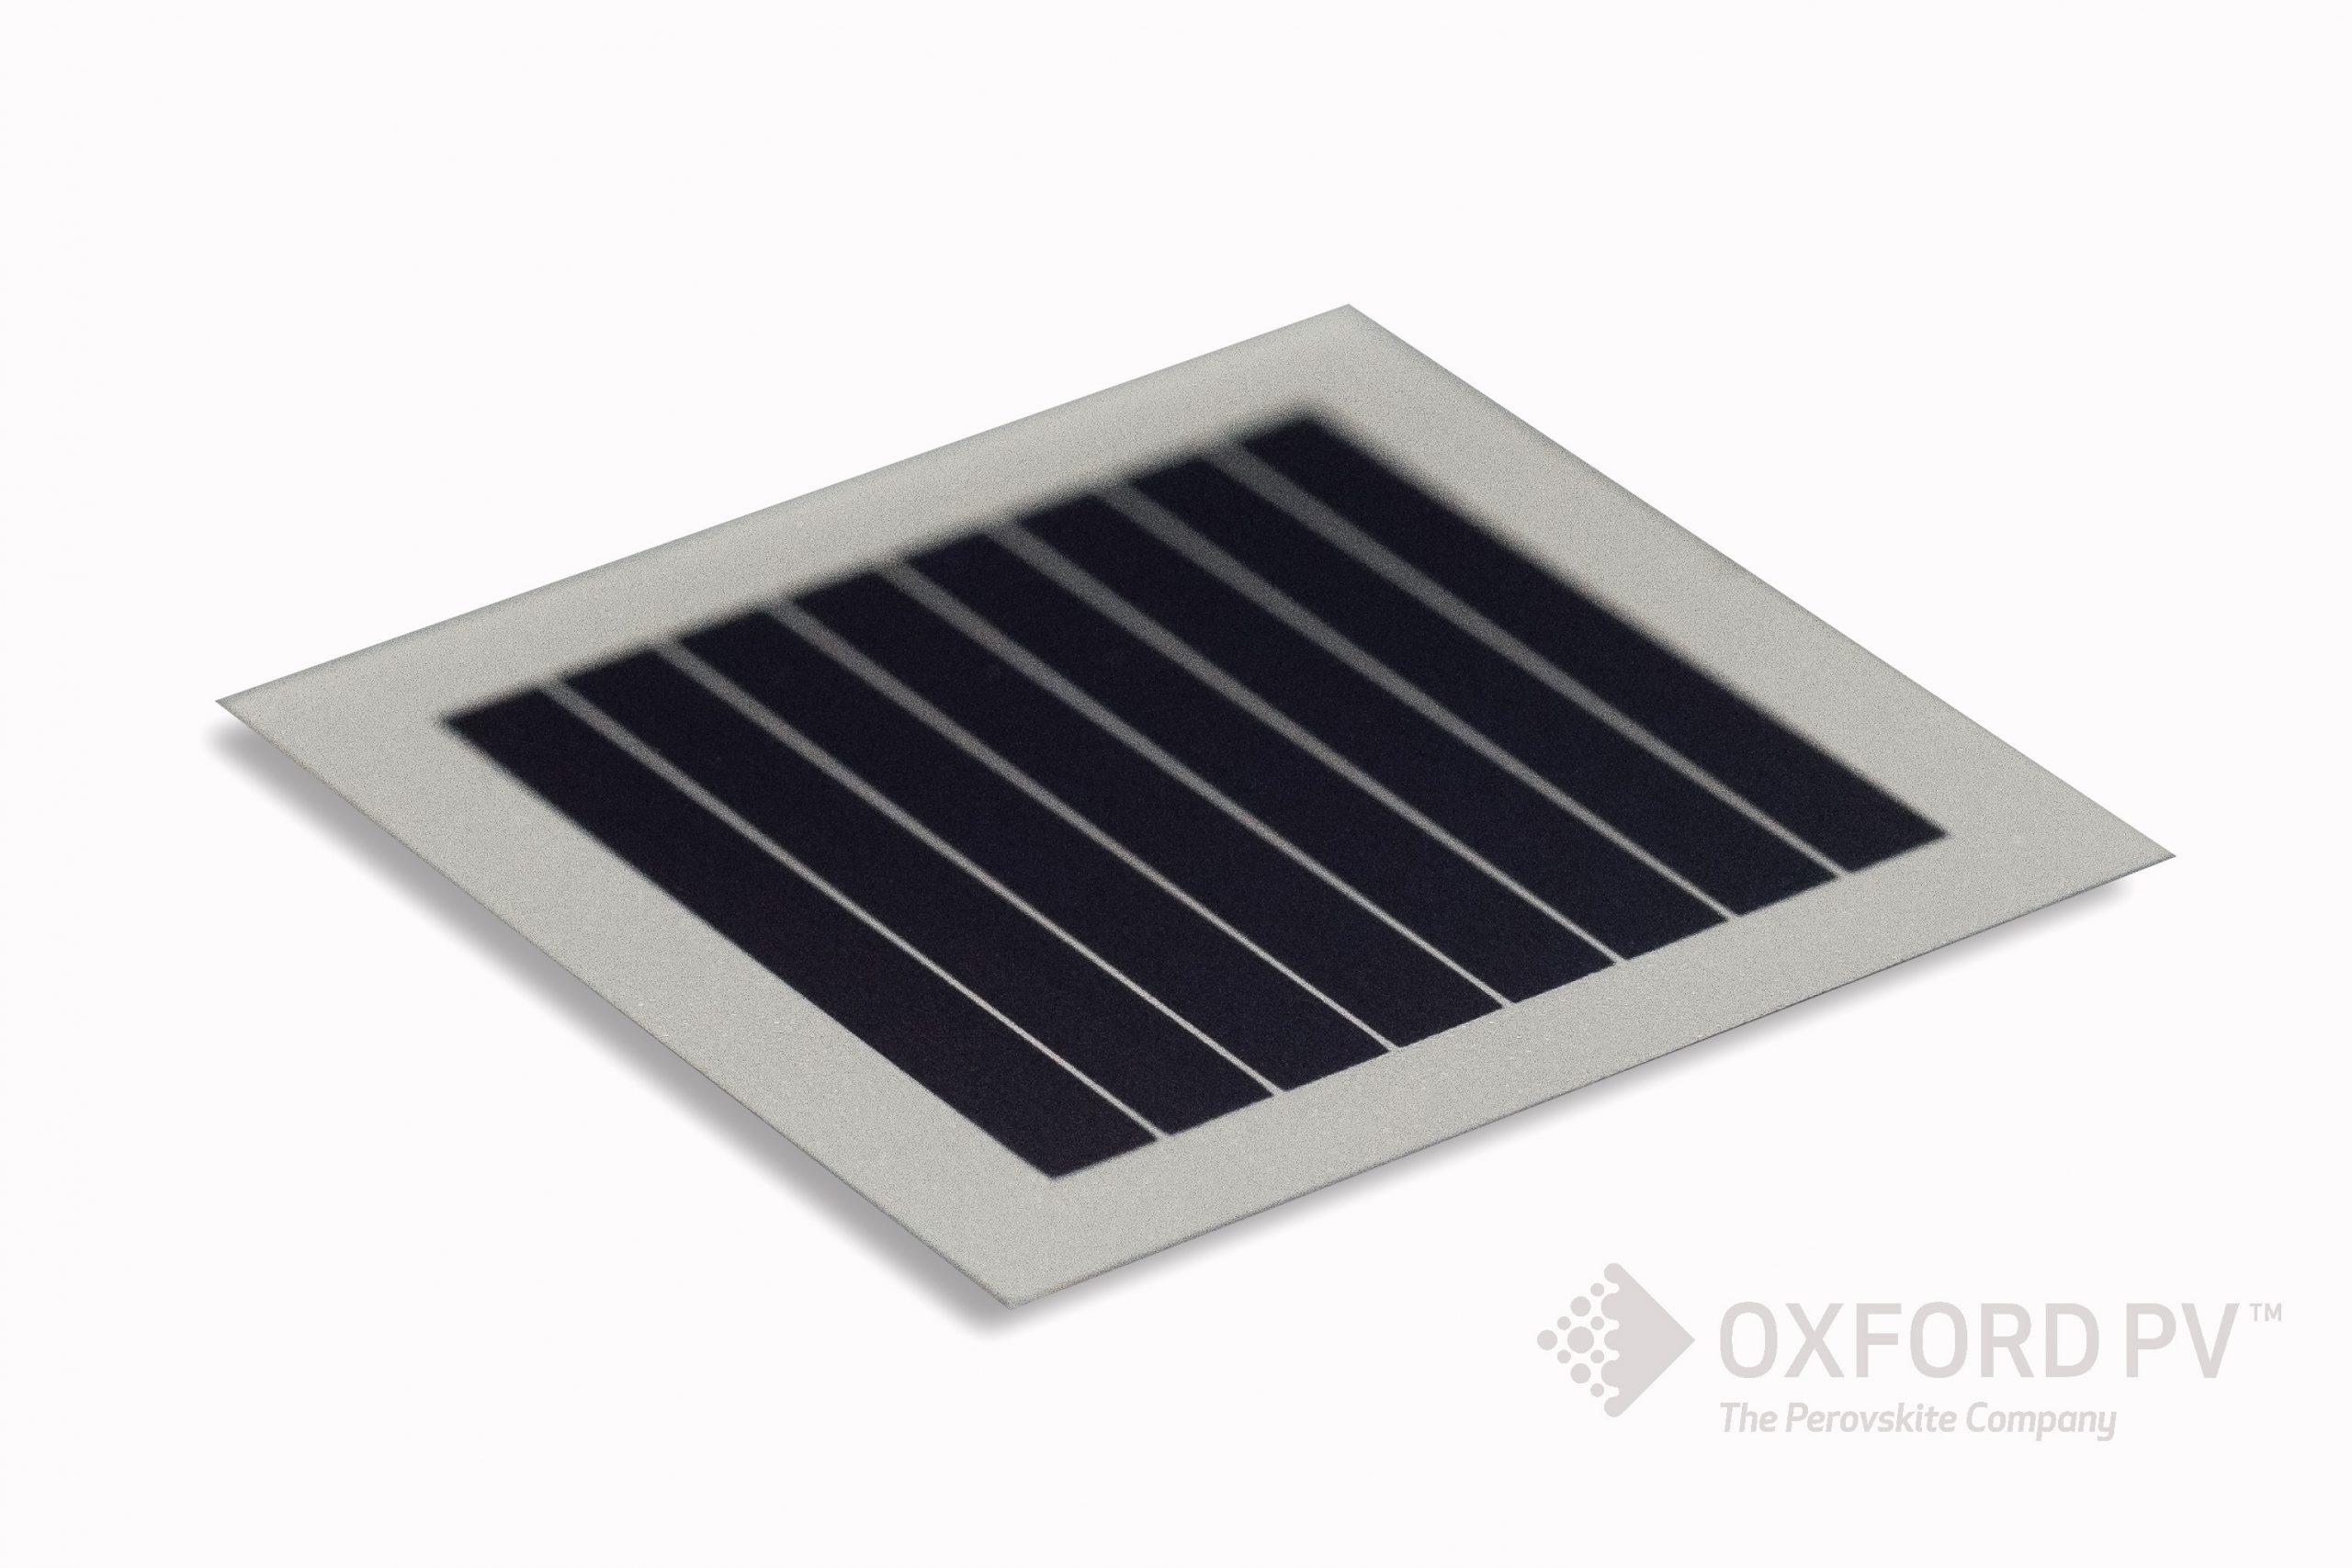 Oxford PV perovskite solar cell achieves 28% efficiency